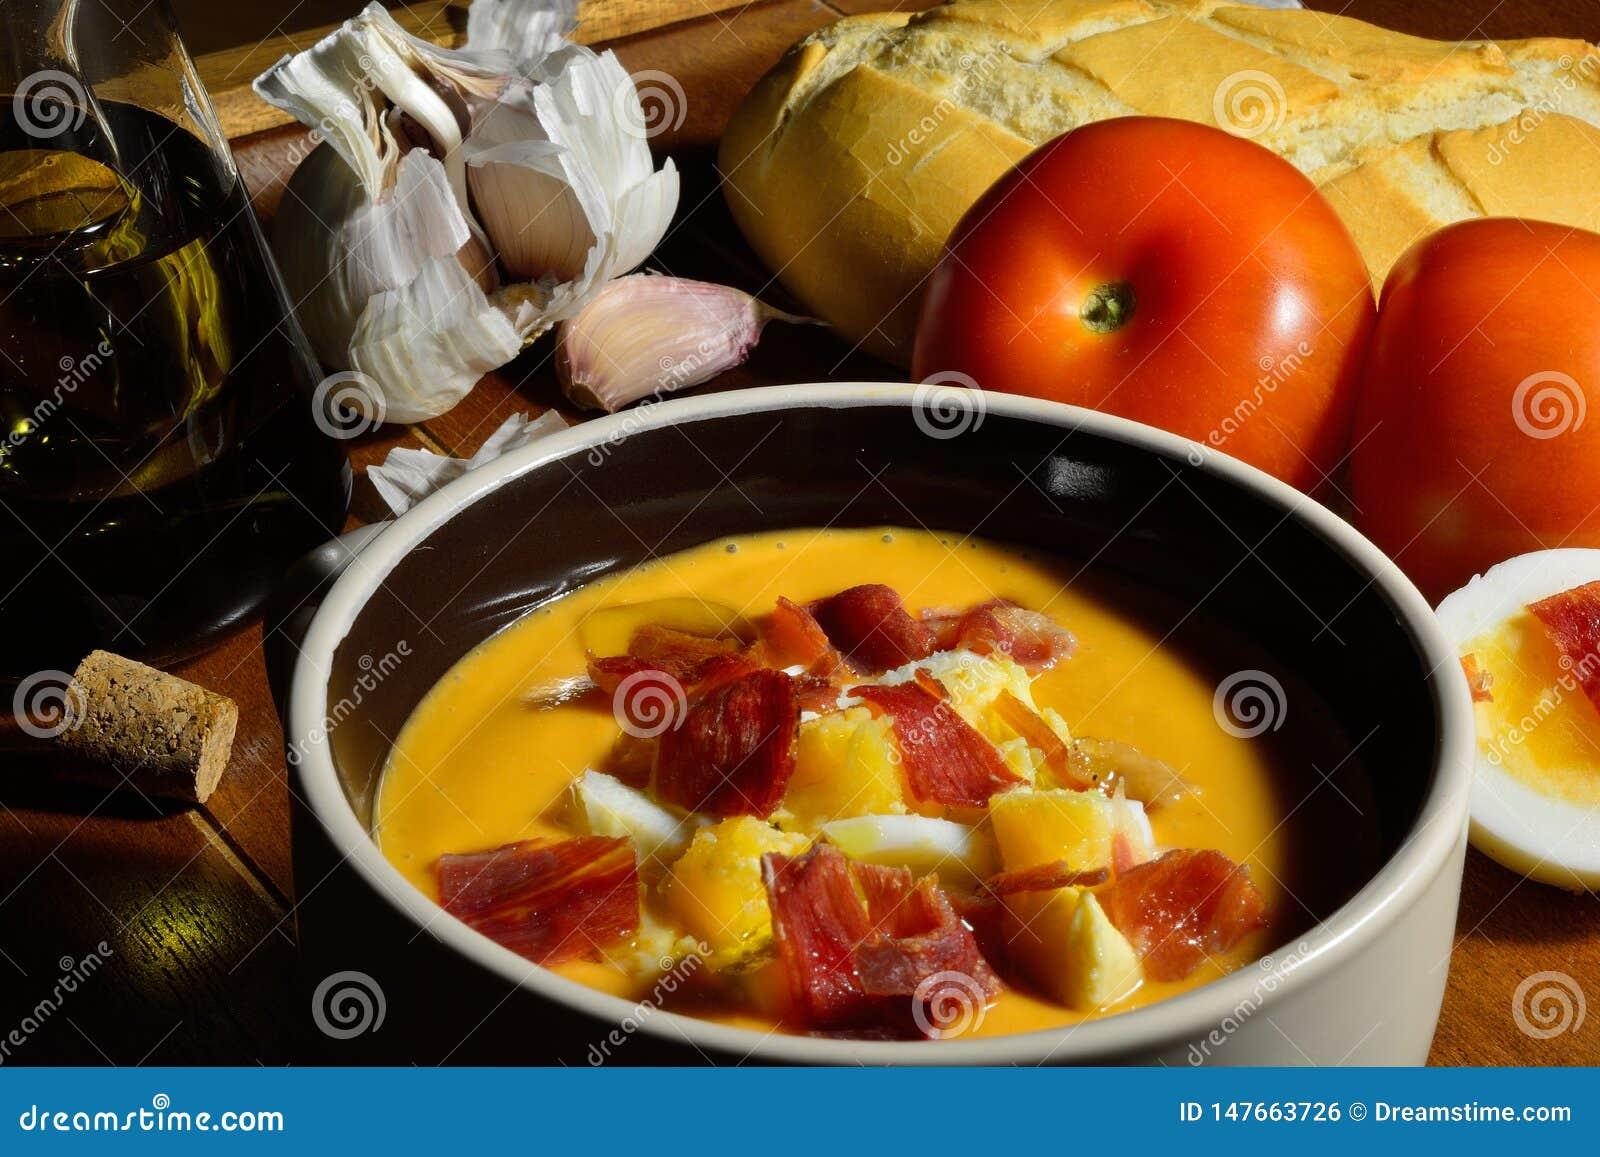 Le coup courbe d une cuvette avec le salmorejo espagnol, d une soupe froide typique faite avec la tomate, pain, huile d olive et